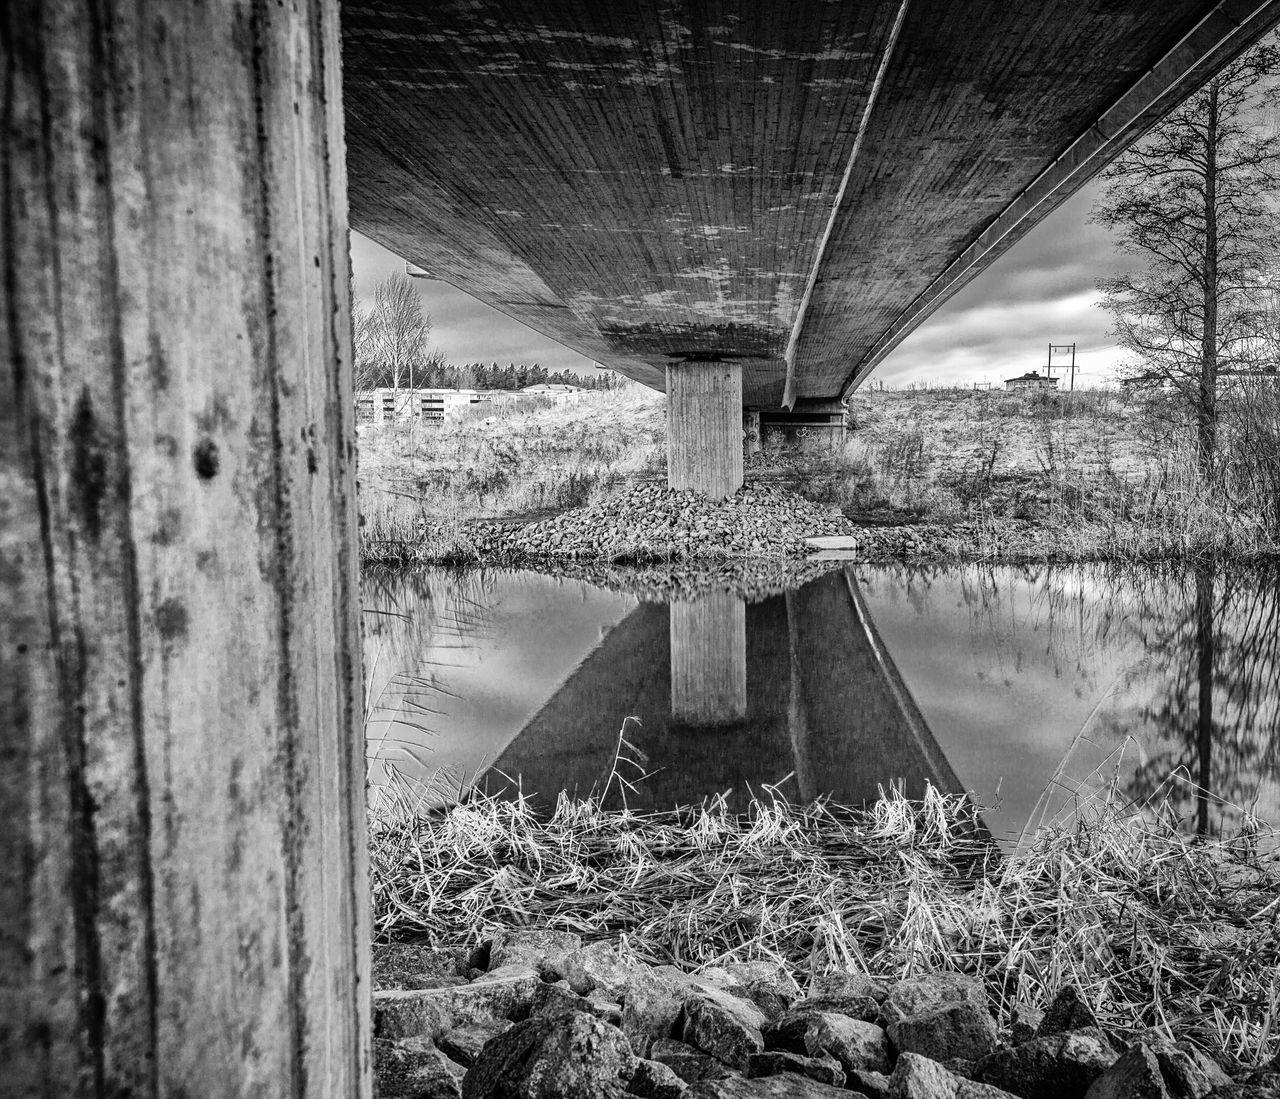 Bridge - Man Made Structure Below No People Architecture Underneath Under The Bridge Blackandwhite EyeEmNewHere